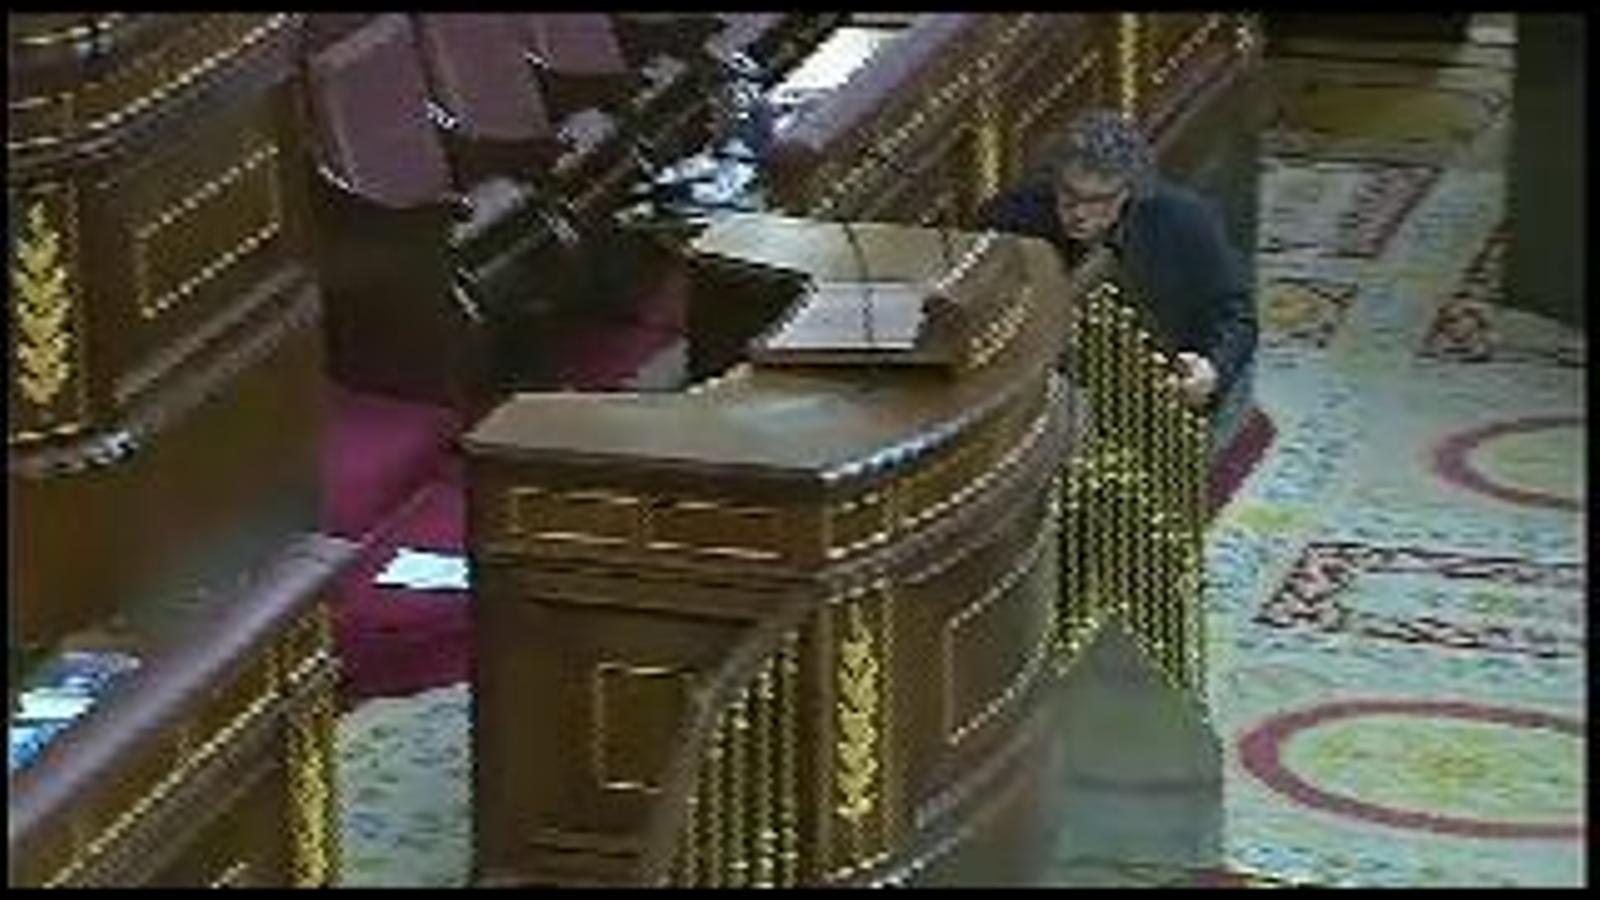 Si m'ho permeten, jo continuaré parlant en català: Tardà, expulsat de la tribuna d'oradors del Congrés